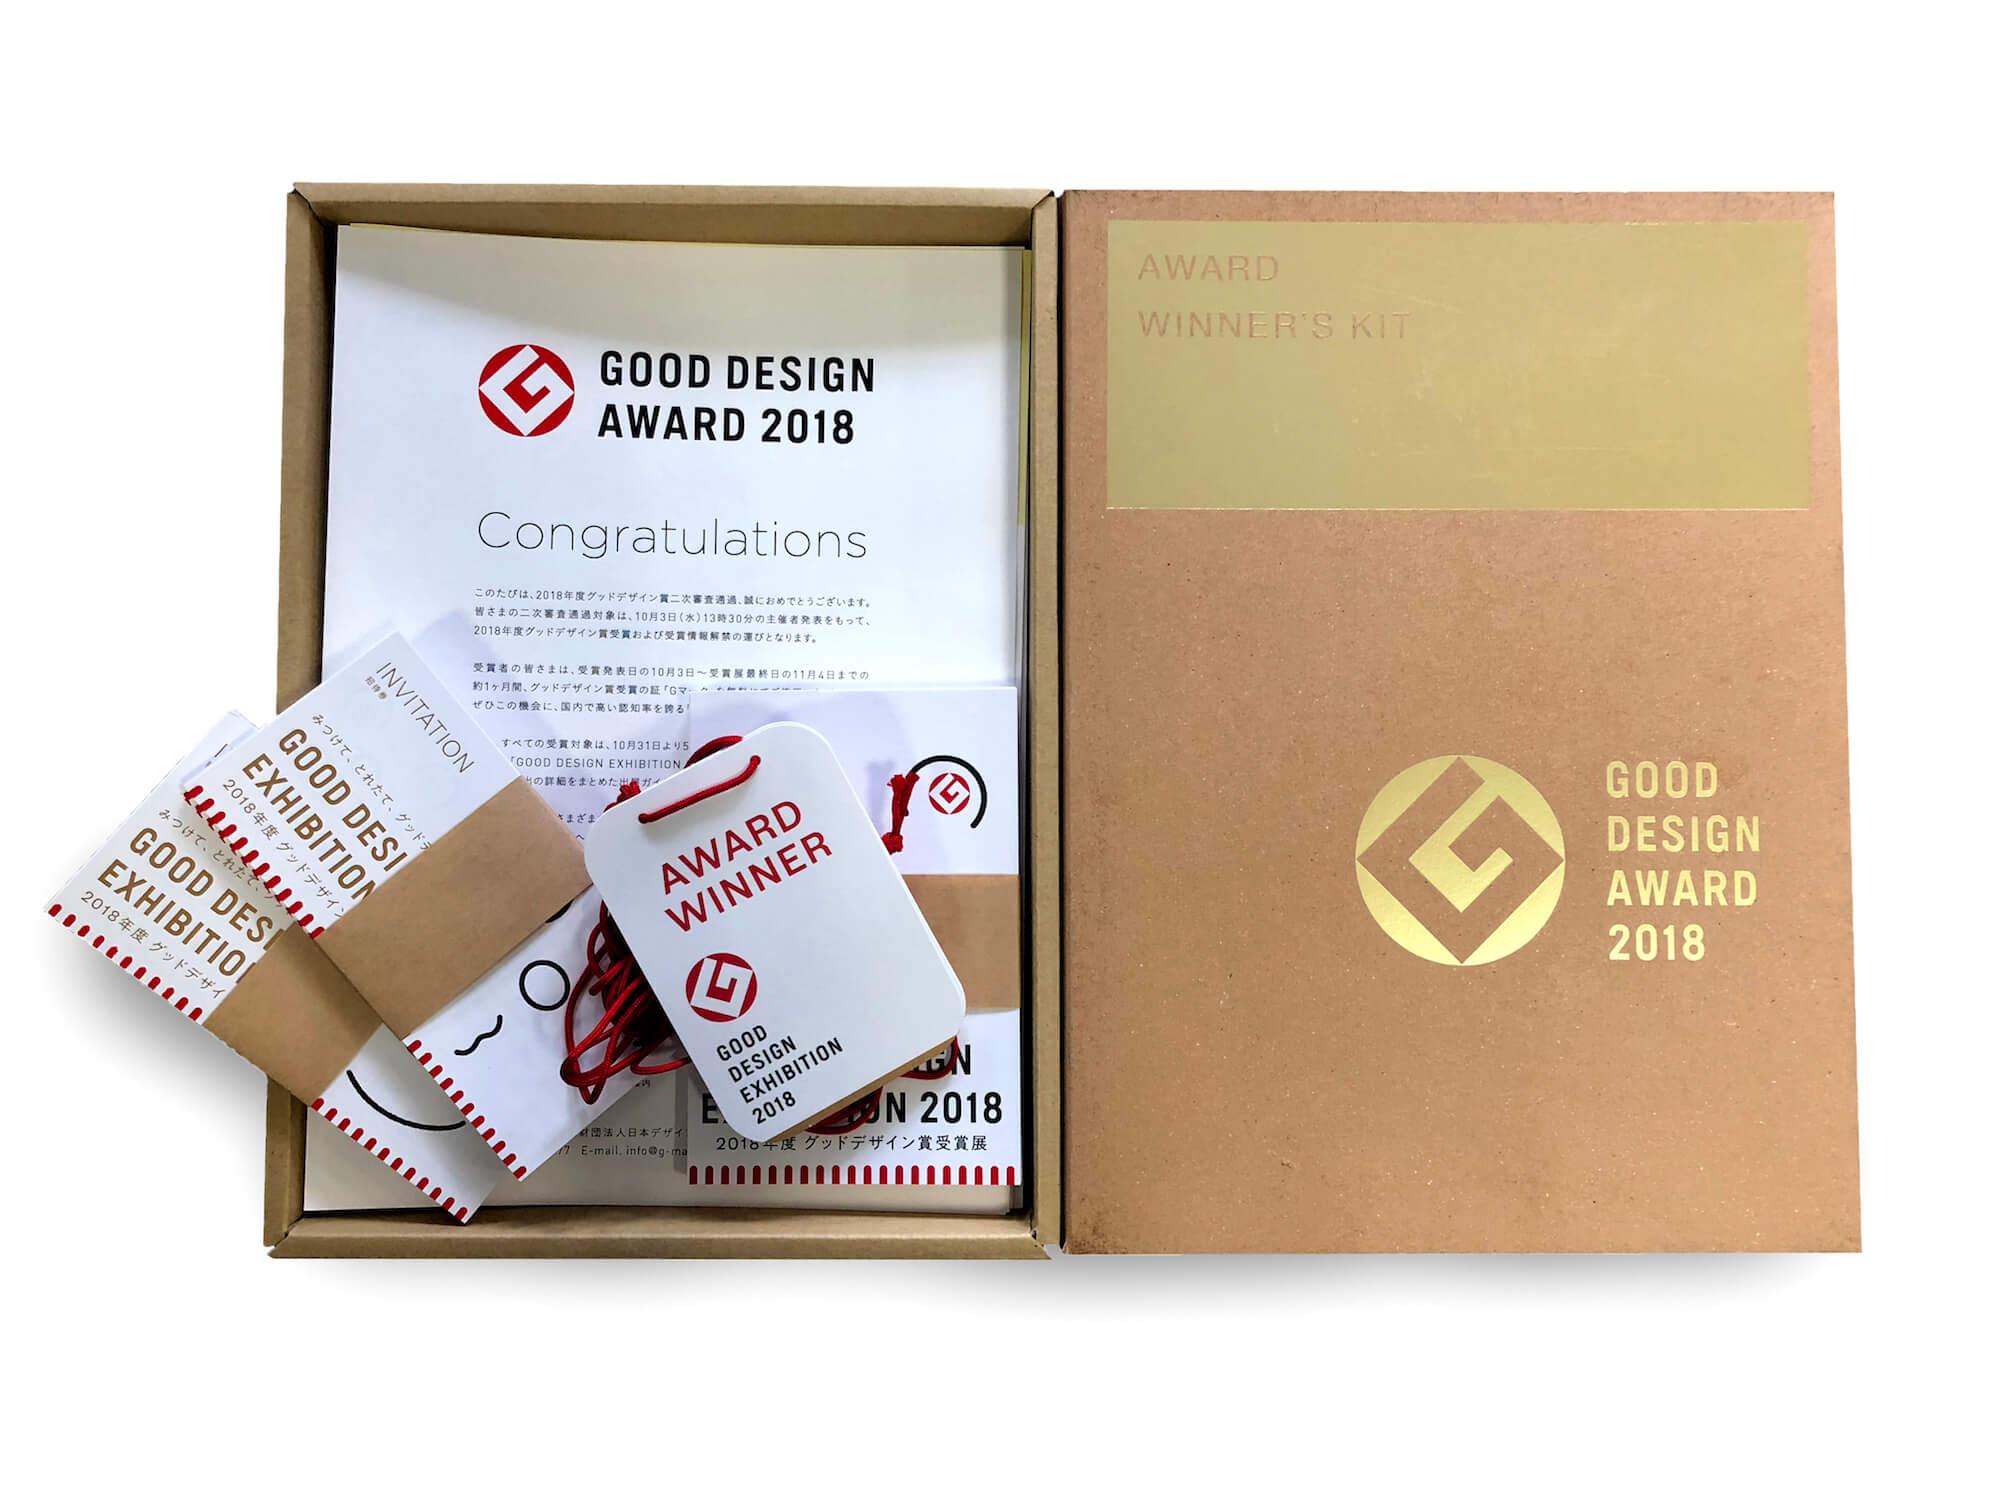 グッドデザイン賞 winner's kit